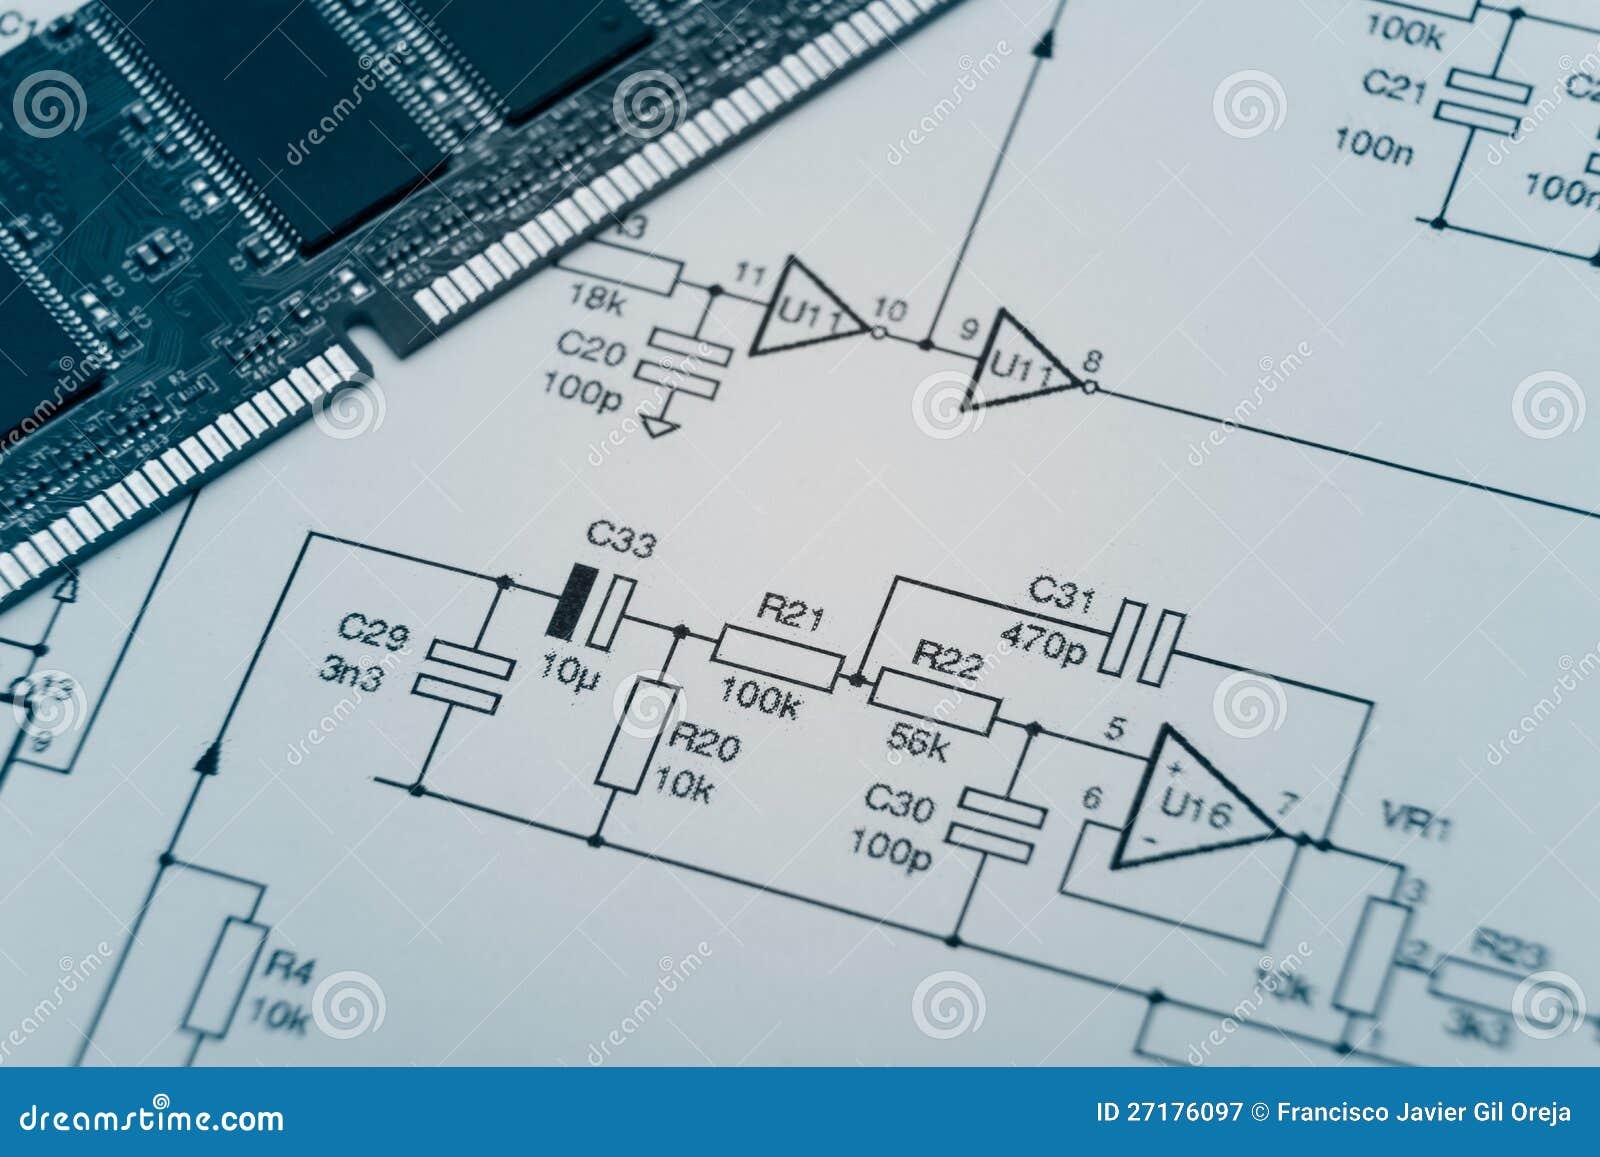 Diagrama com memória de computador